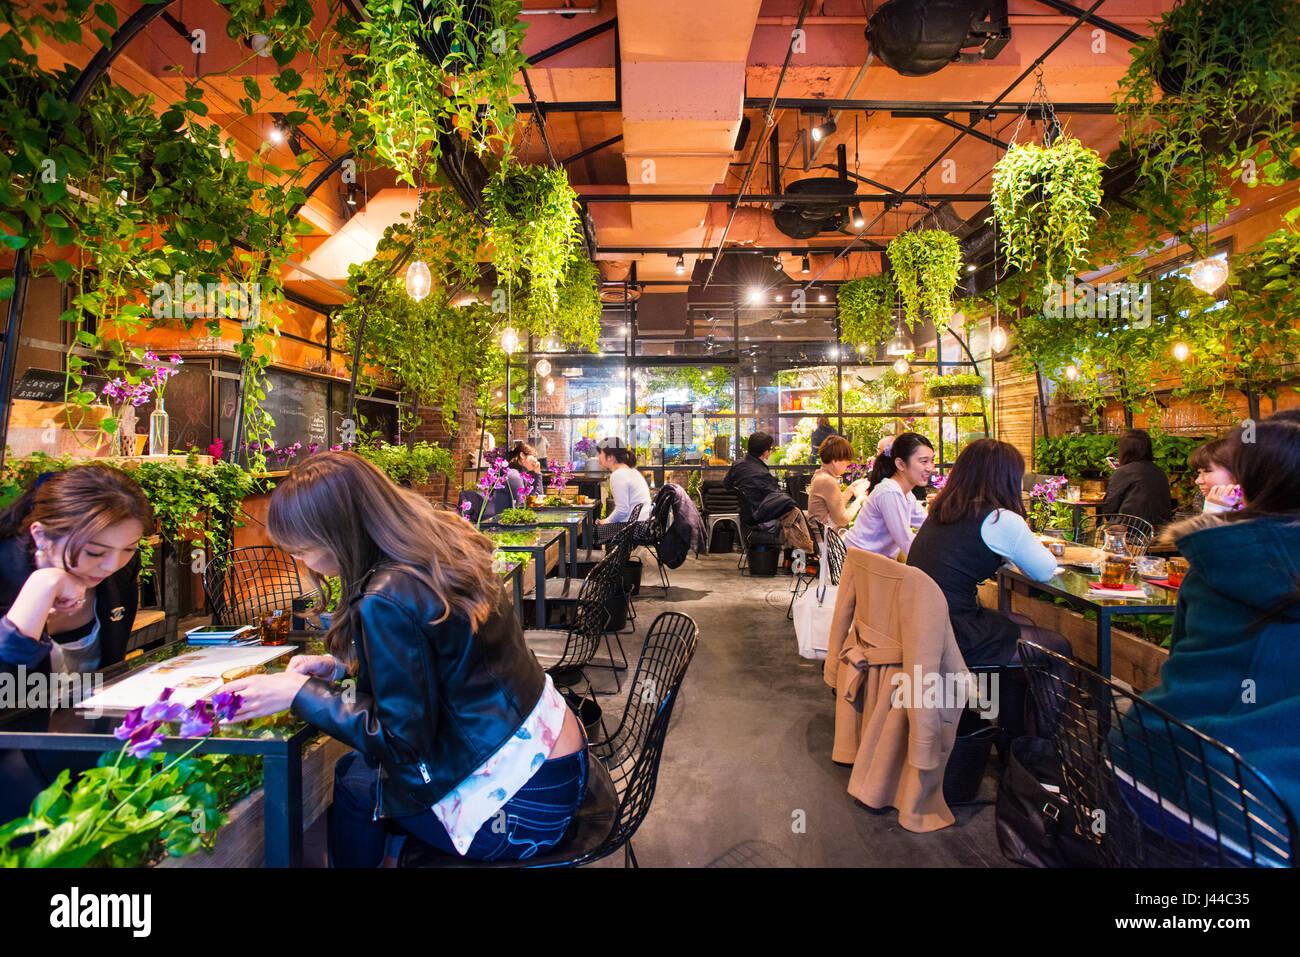 Mecenas de disfrutar de una comida en el interior del mercado de flores de Aoyama Tea House en Aoyama, Tokio, Japón Imagen De Stock